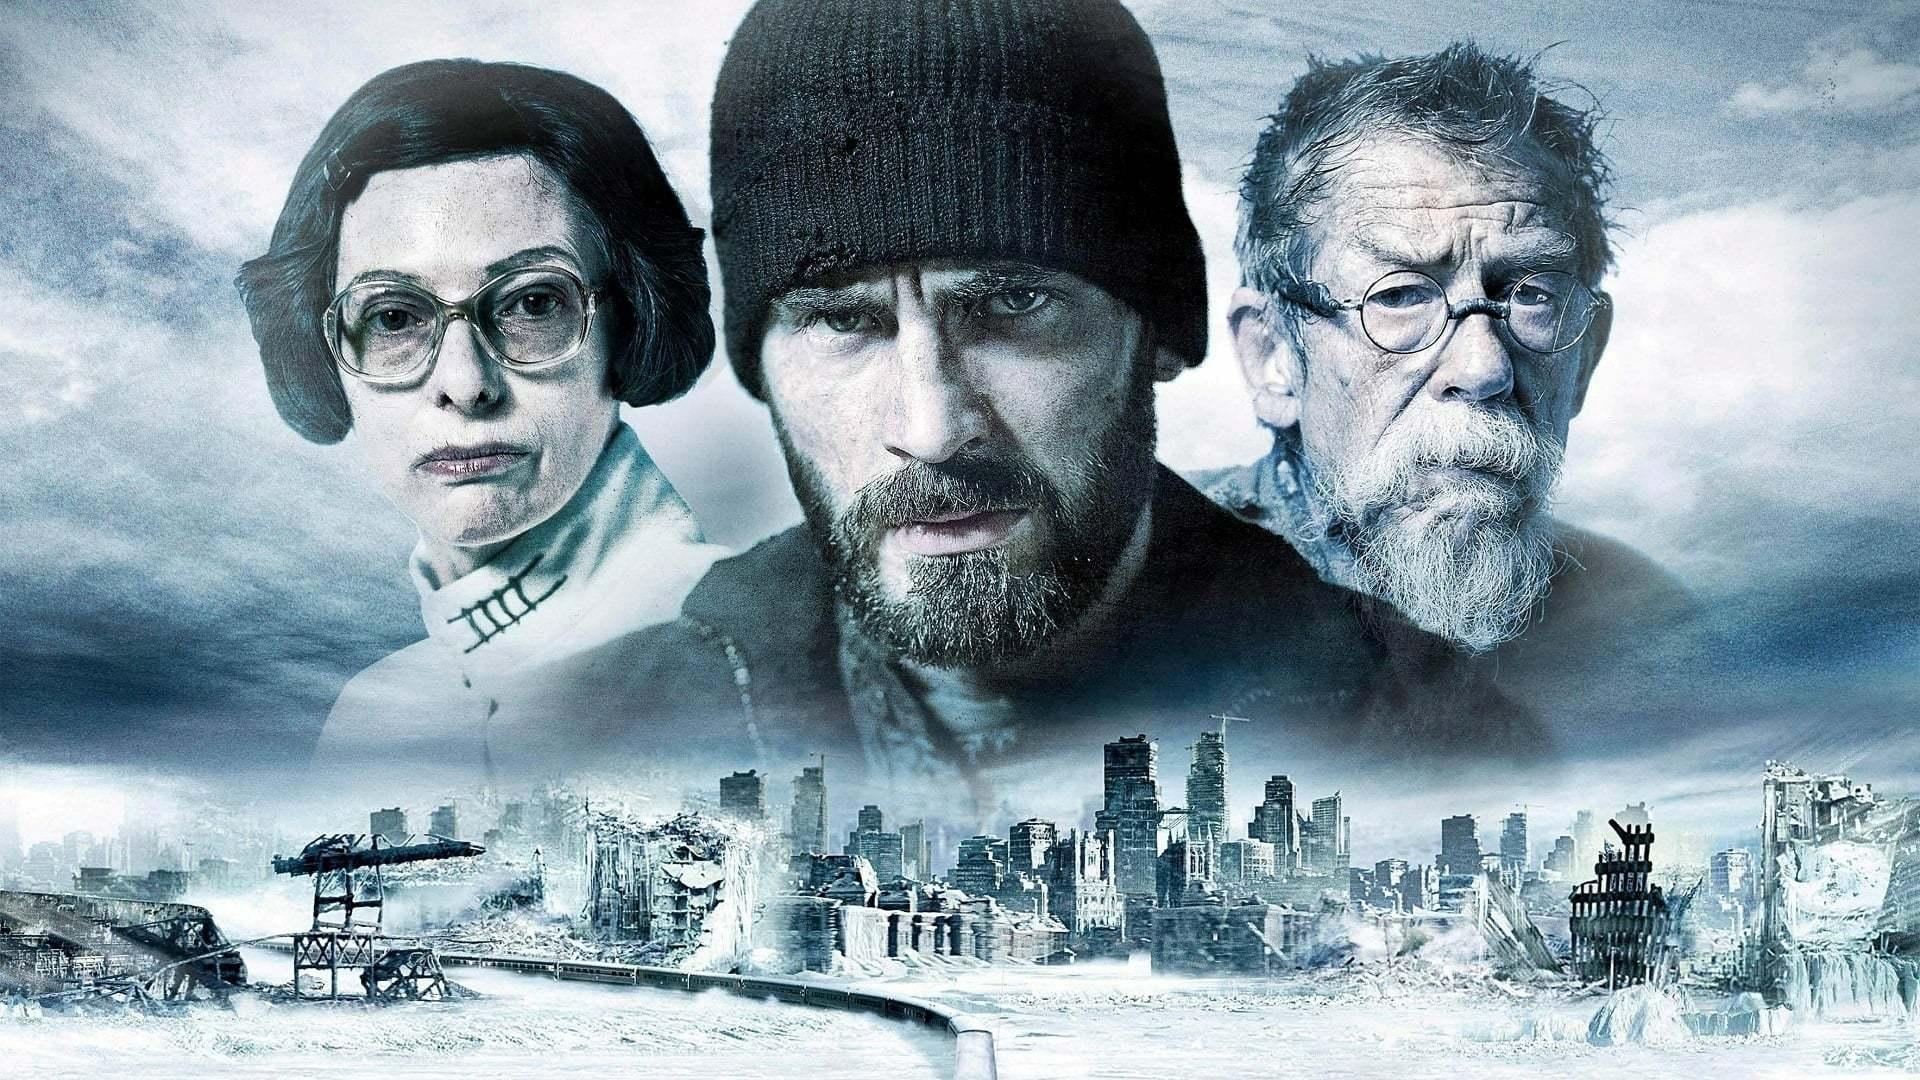 Кадры из фильма  Снег 2013